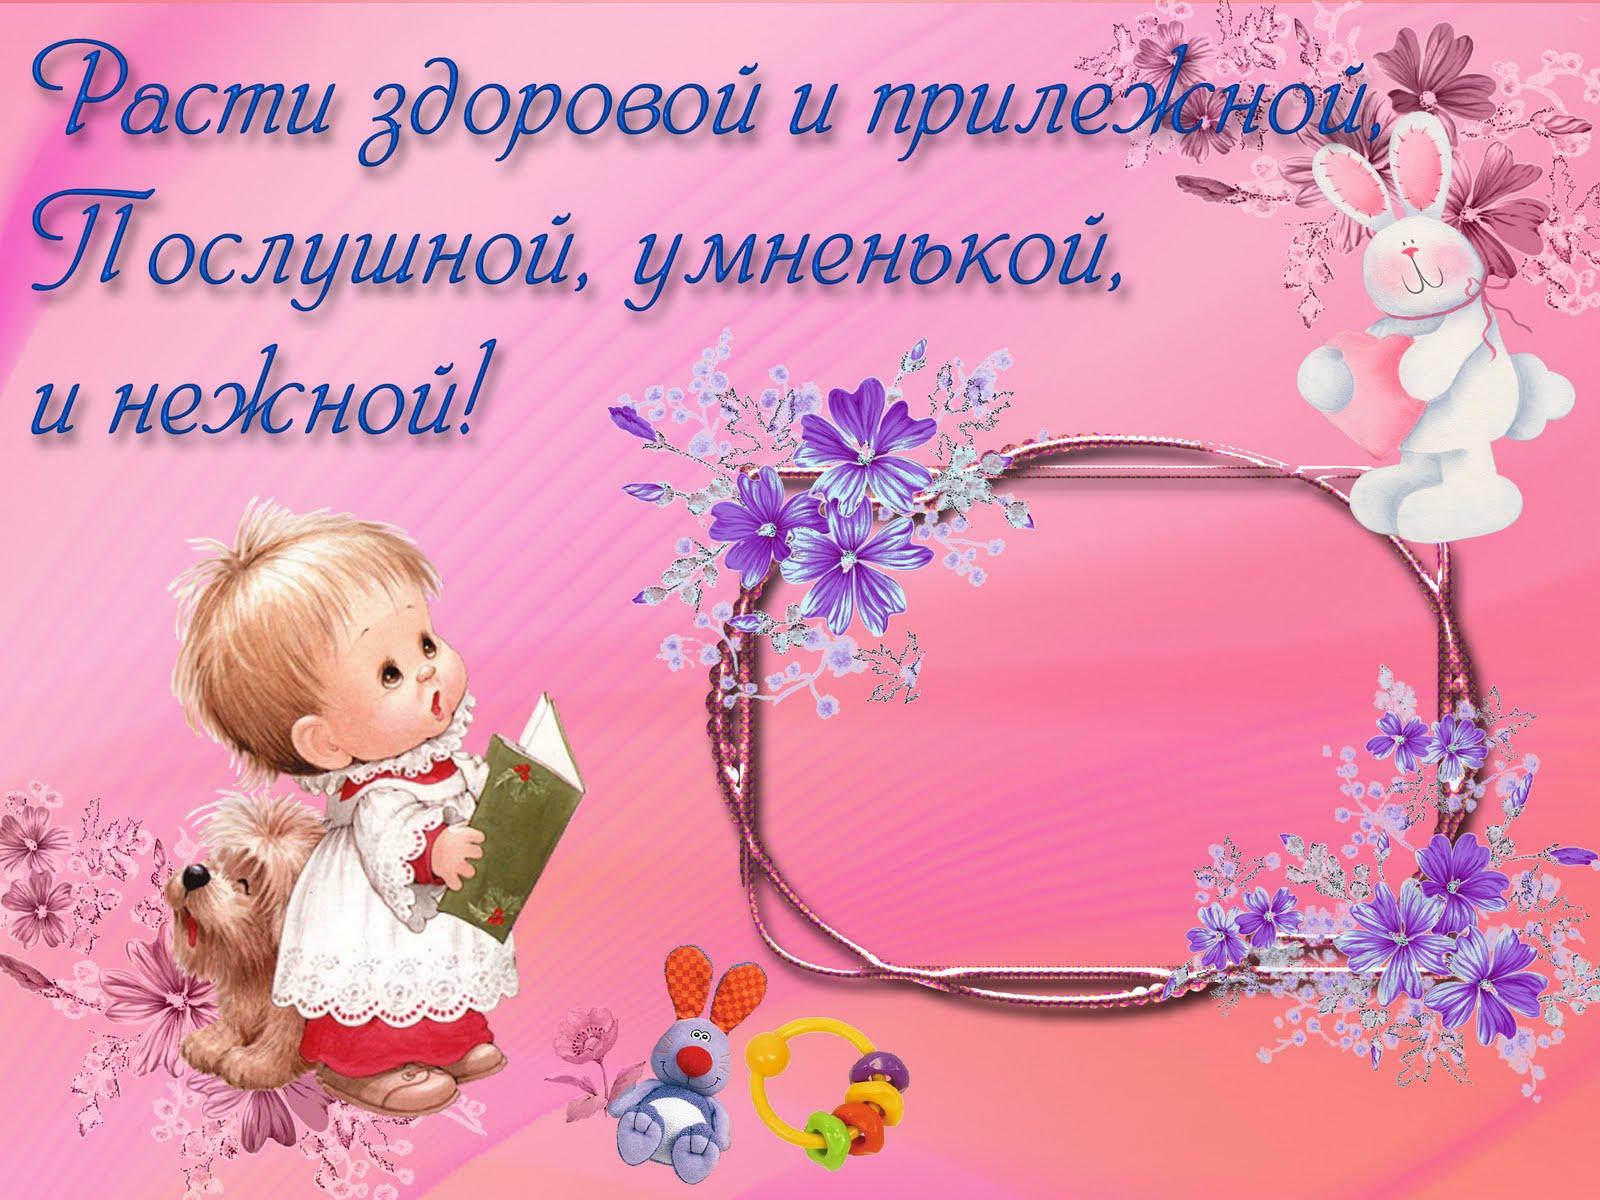 С днем рождения сестренка поздравления для младшей сестры